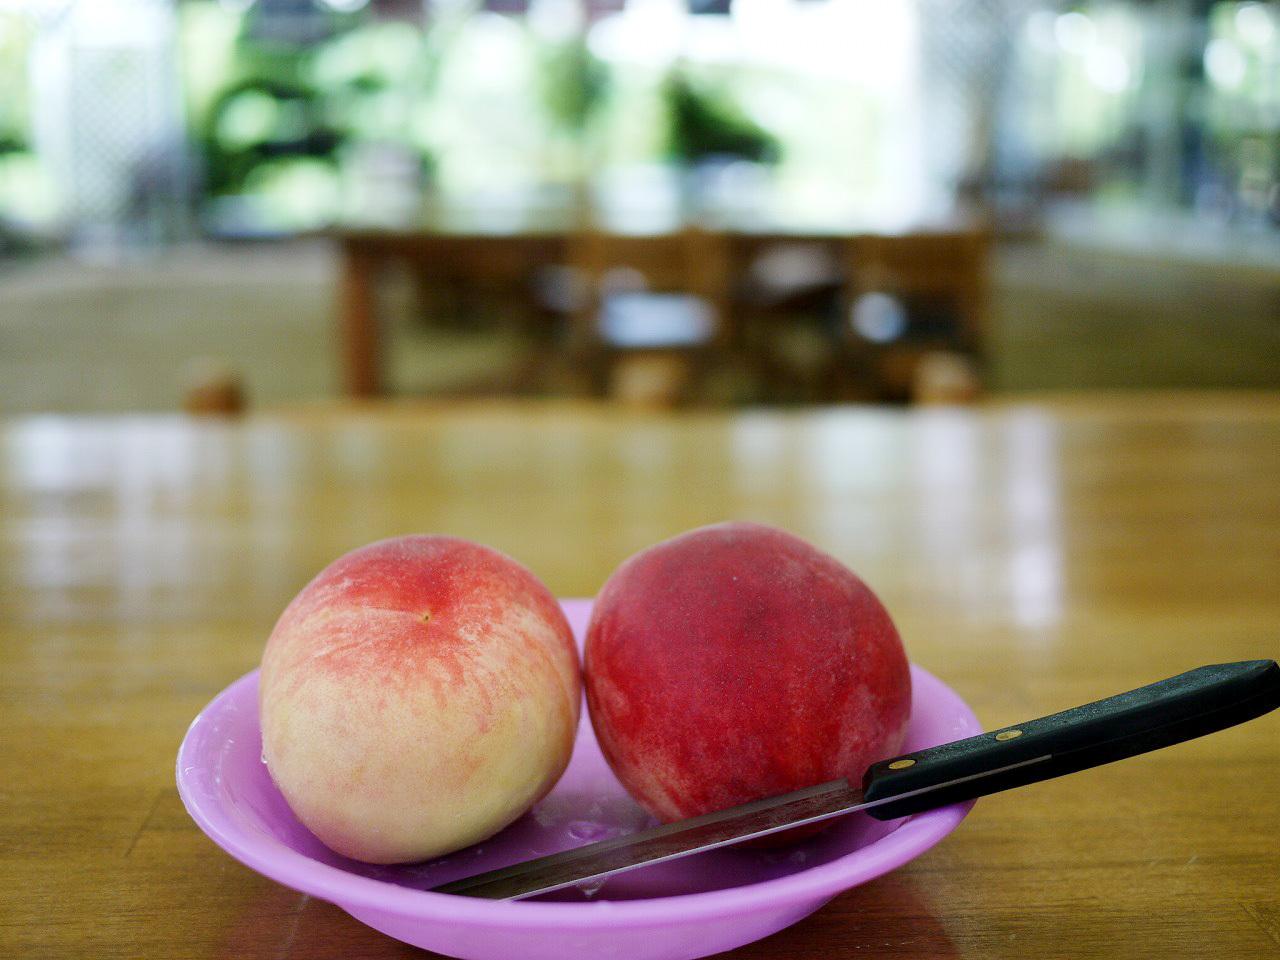 桃狩り・ブドウ狩り!季節のフルーツ狩りを楽しもう